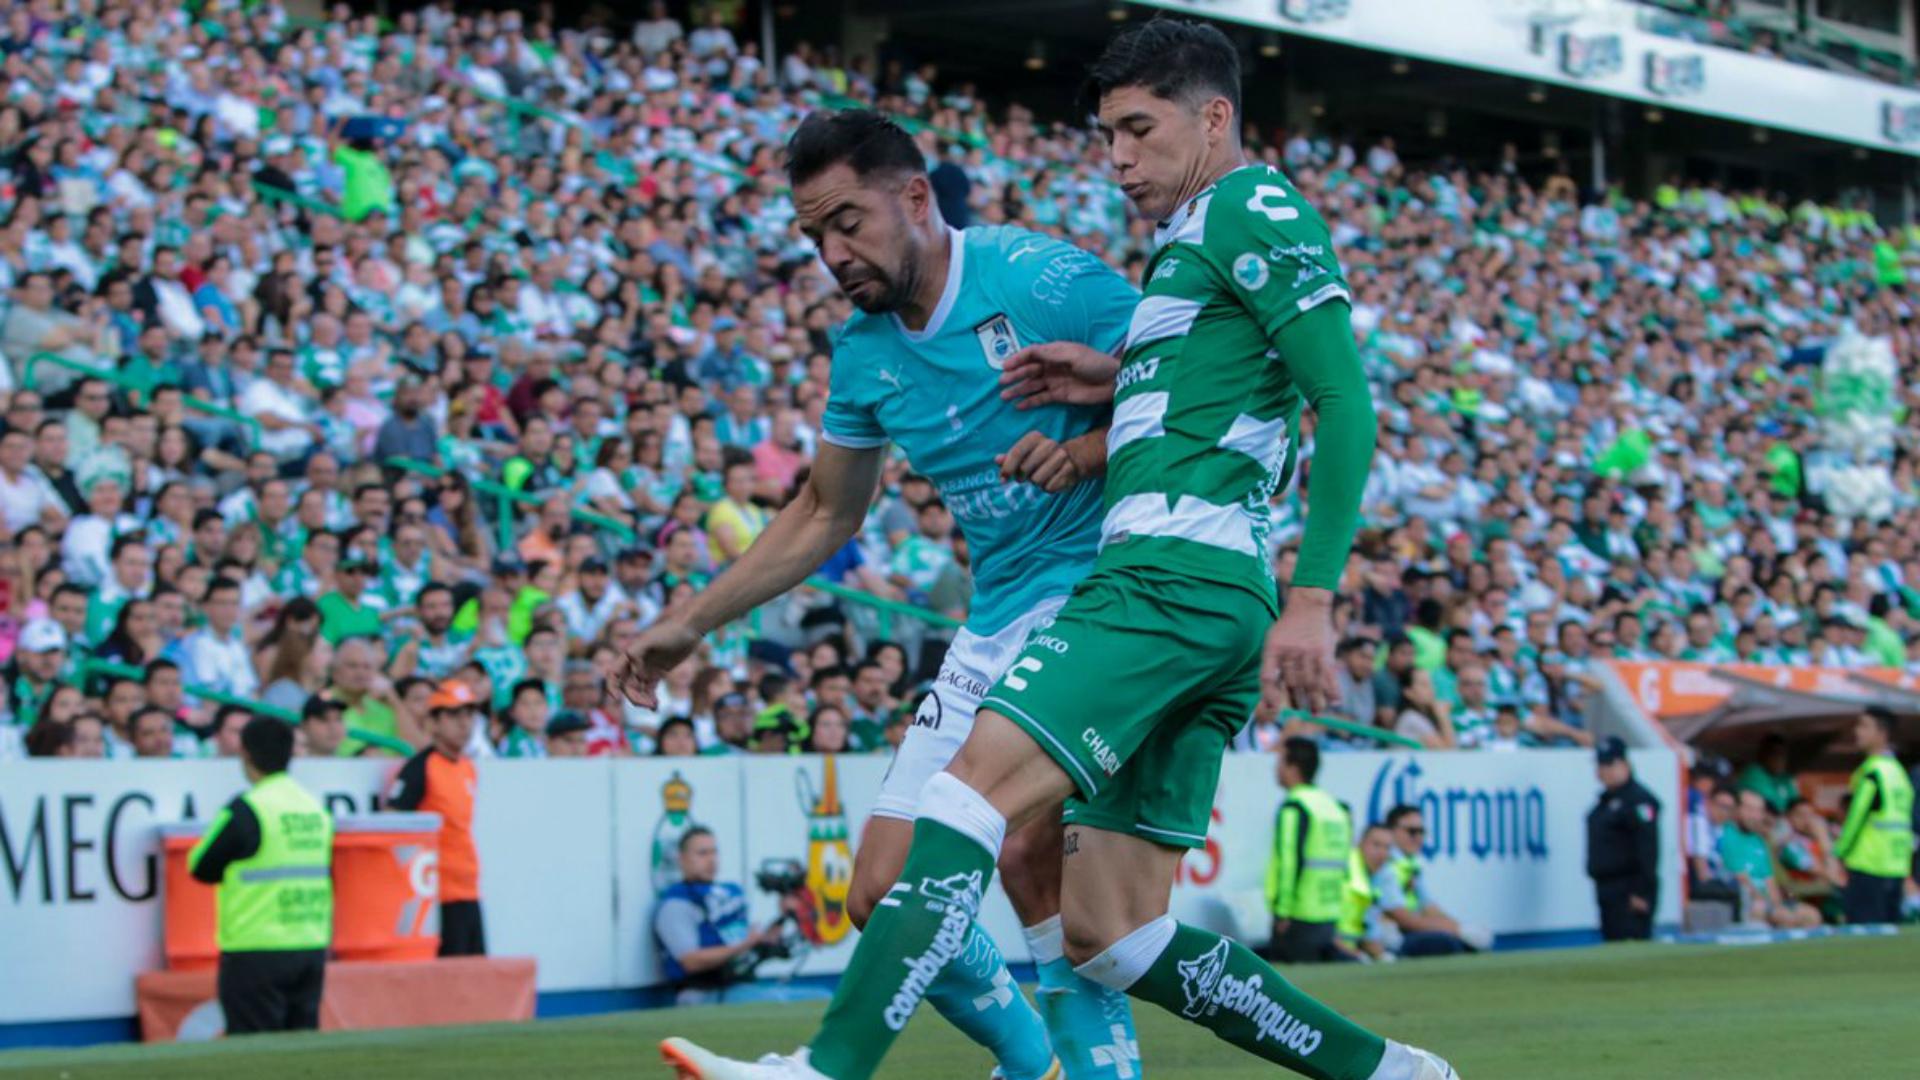 Santos Querétaro